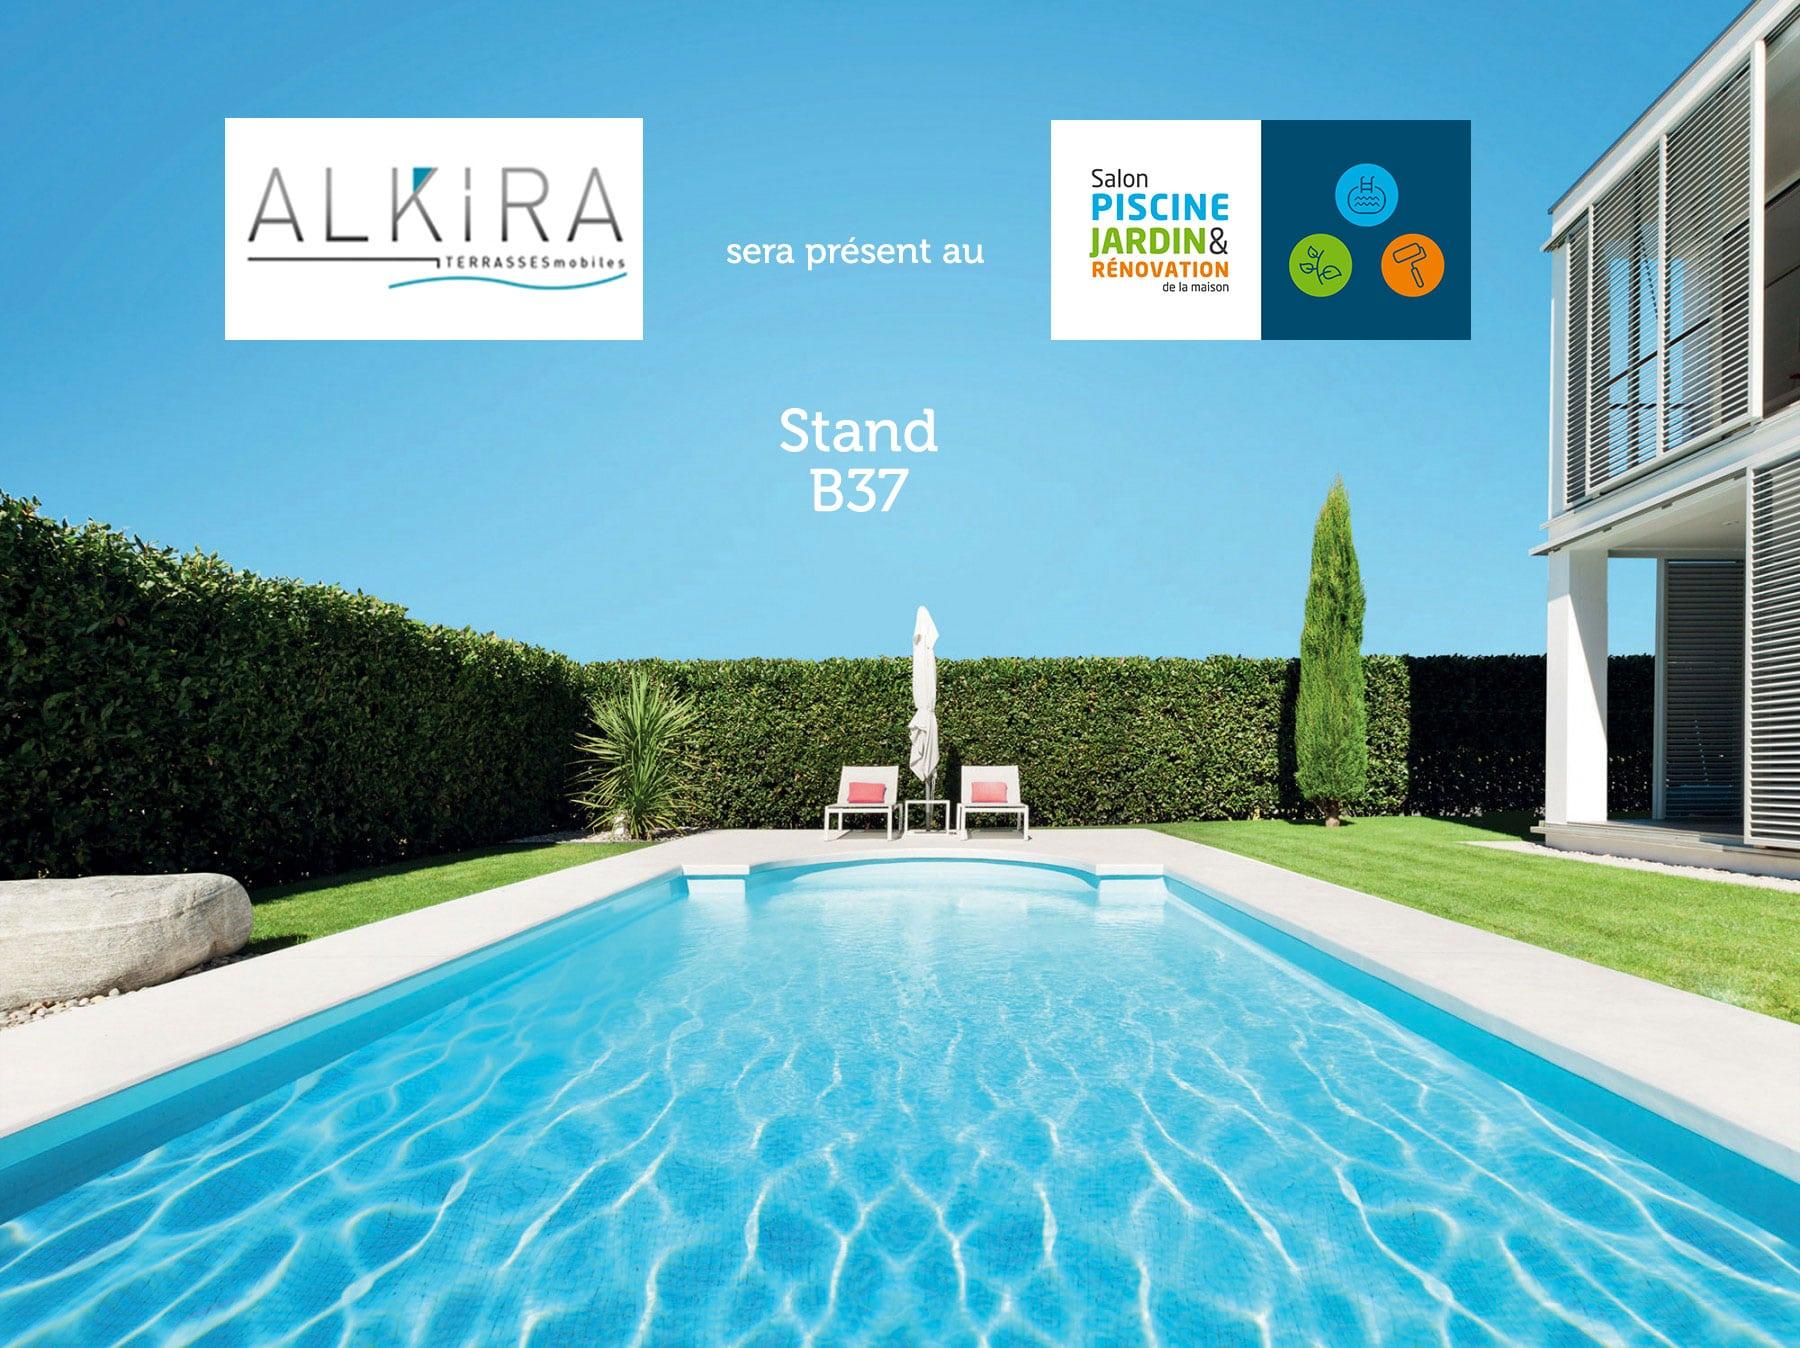 Terrasses amovibles ou coulissantes pour piscine alkira - Salon de la piscine marseille ...